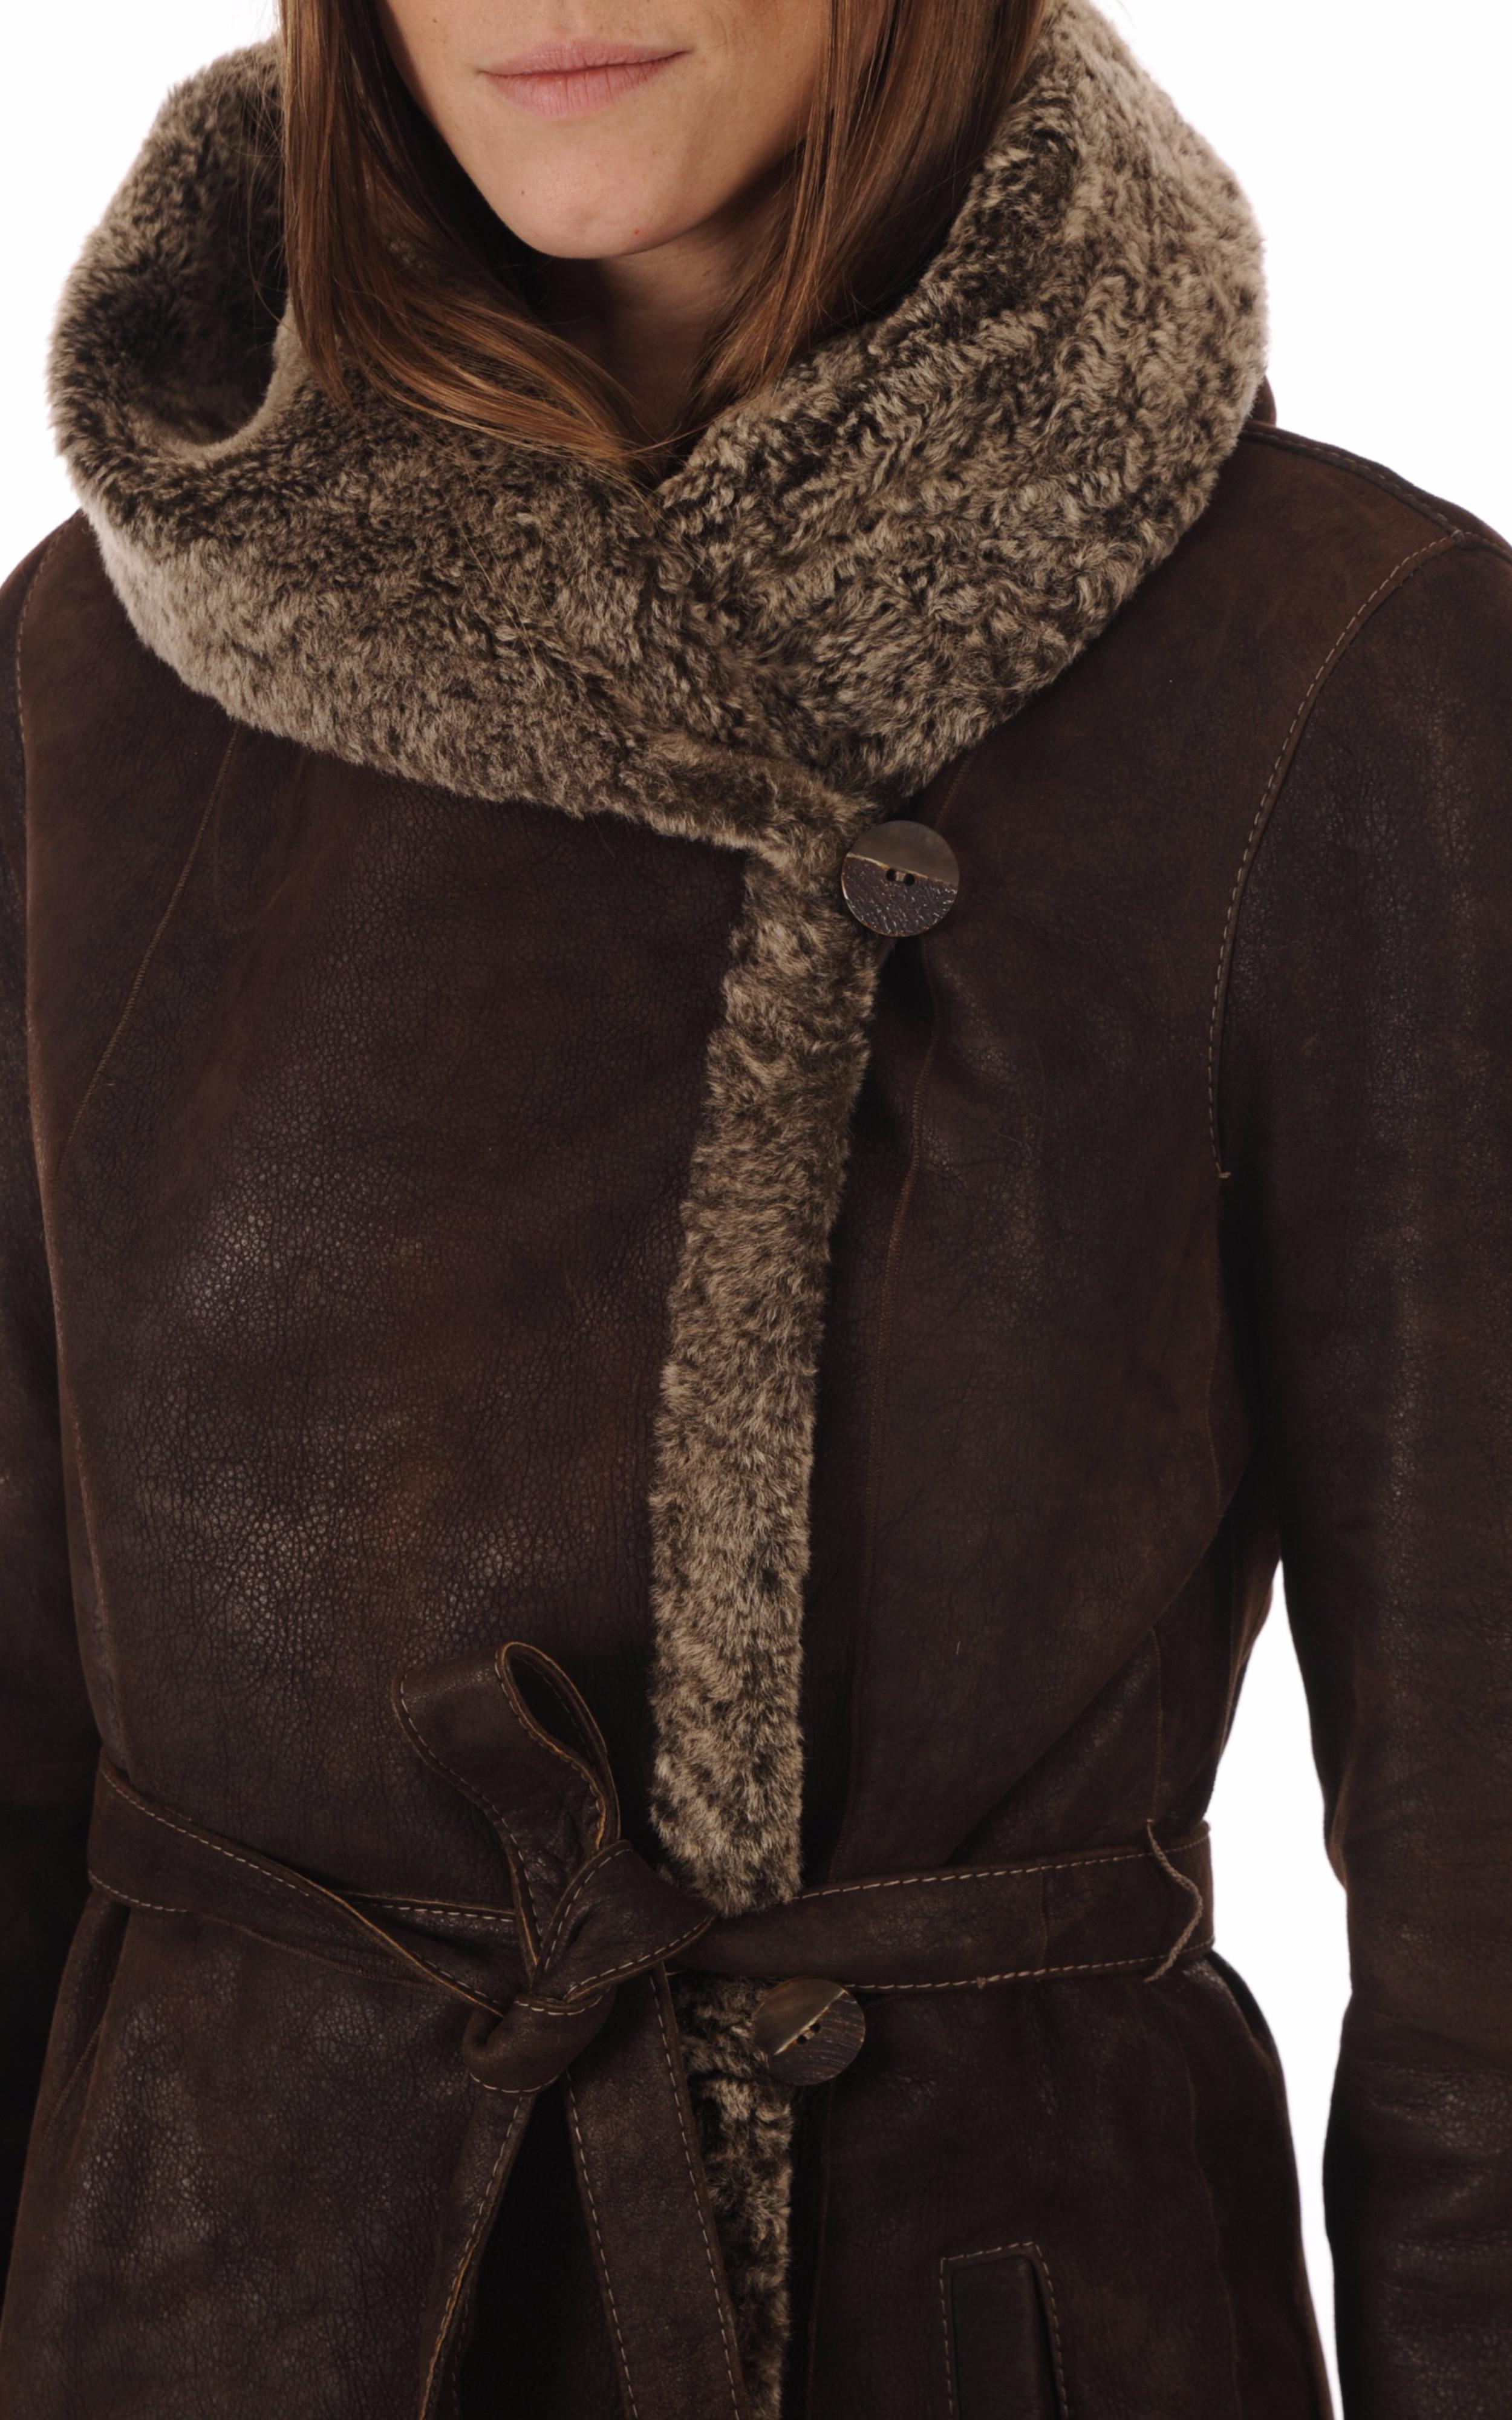 Manteau peau lainée marron velours La Canadienne